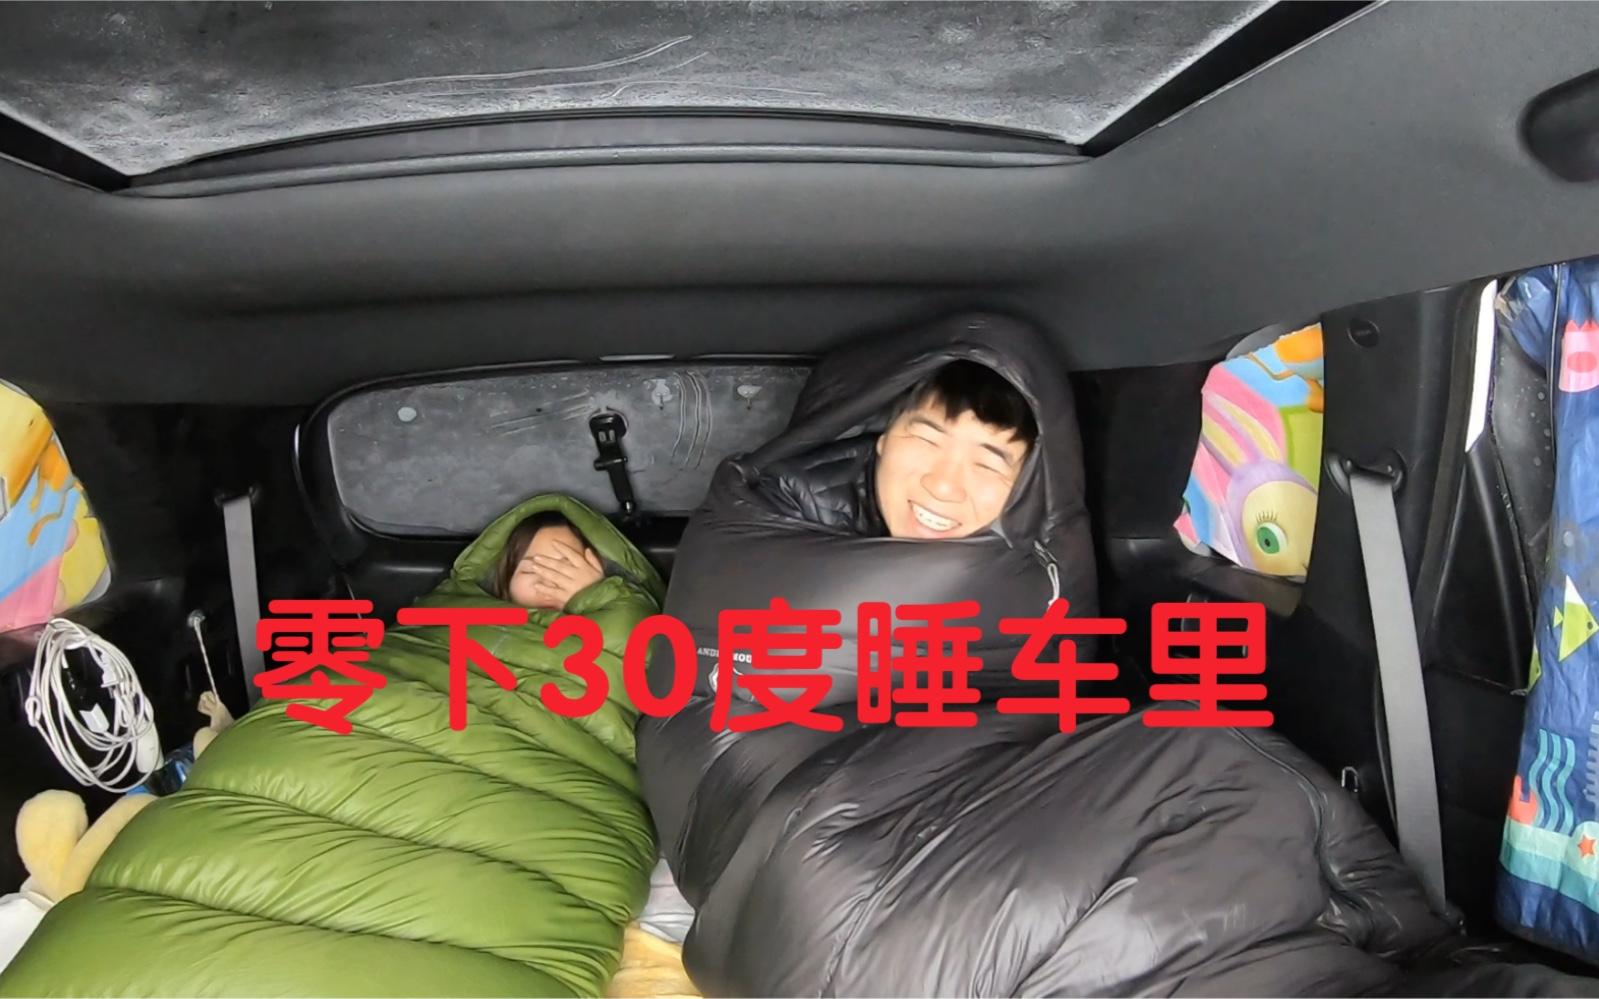 自驾旅行, 零下30度睡车里冻醒了, 车里全部都住了, 太冷了